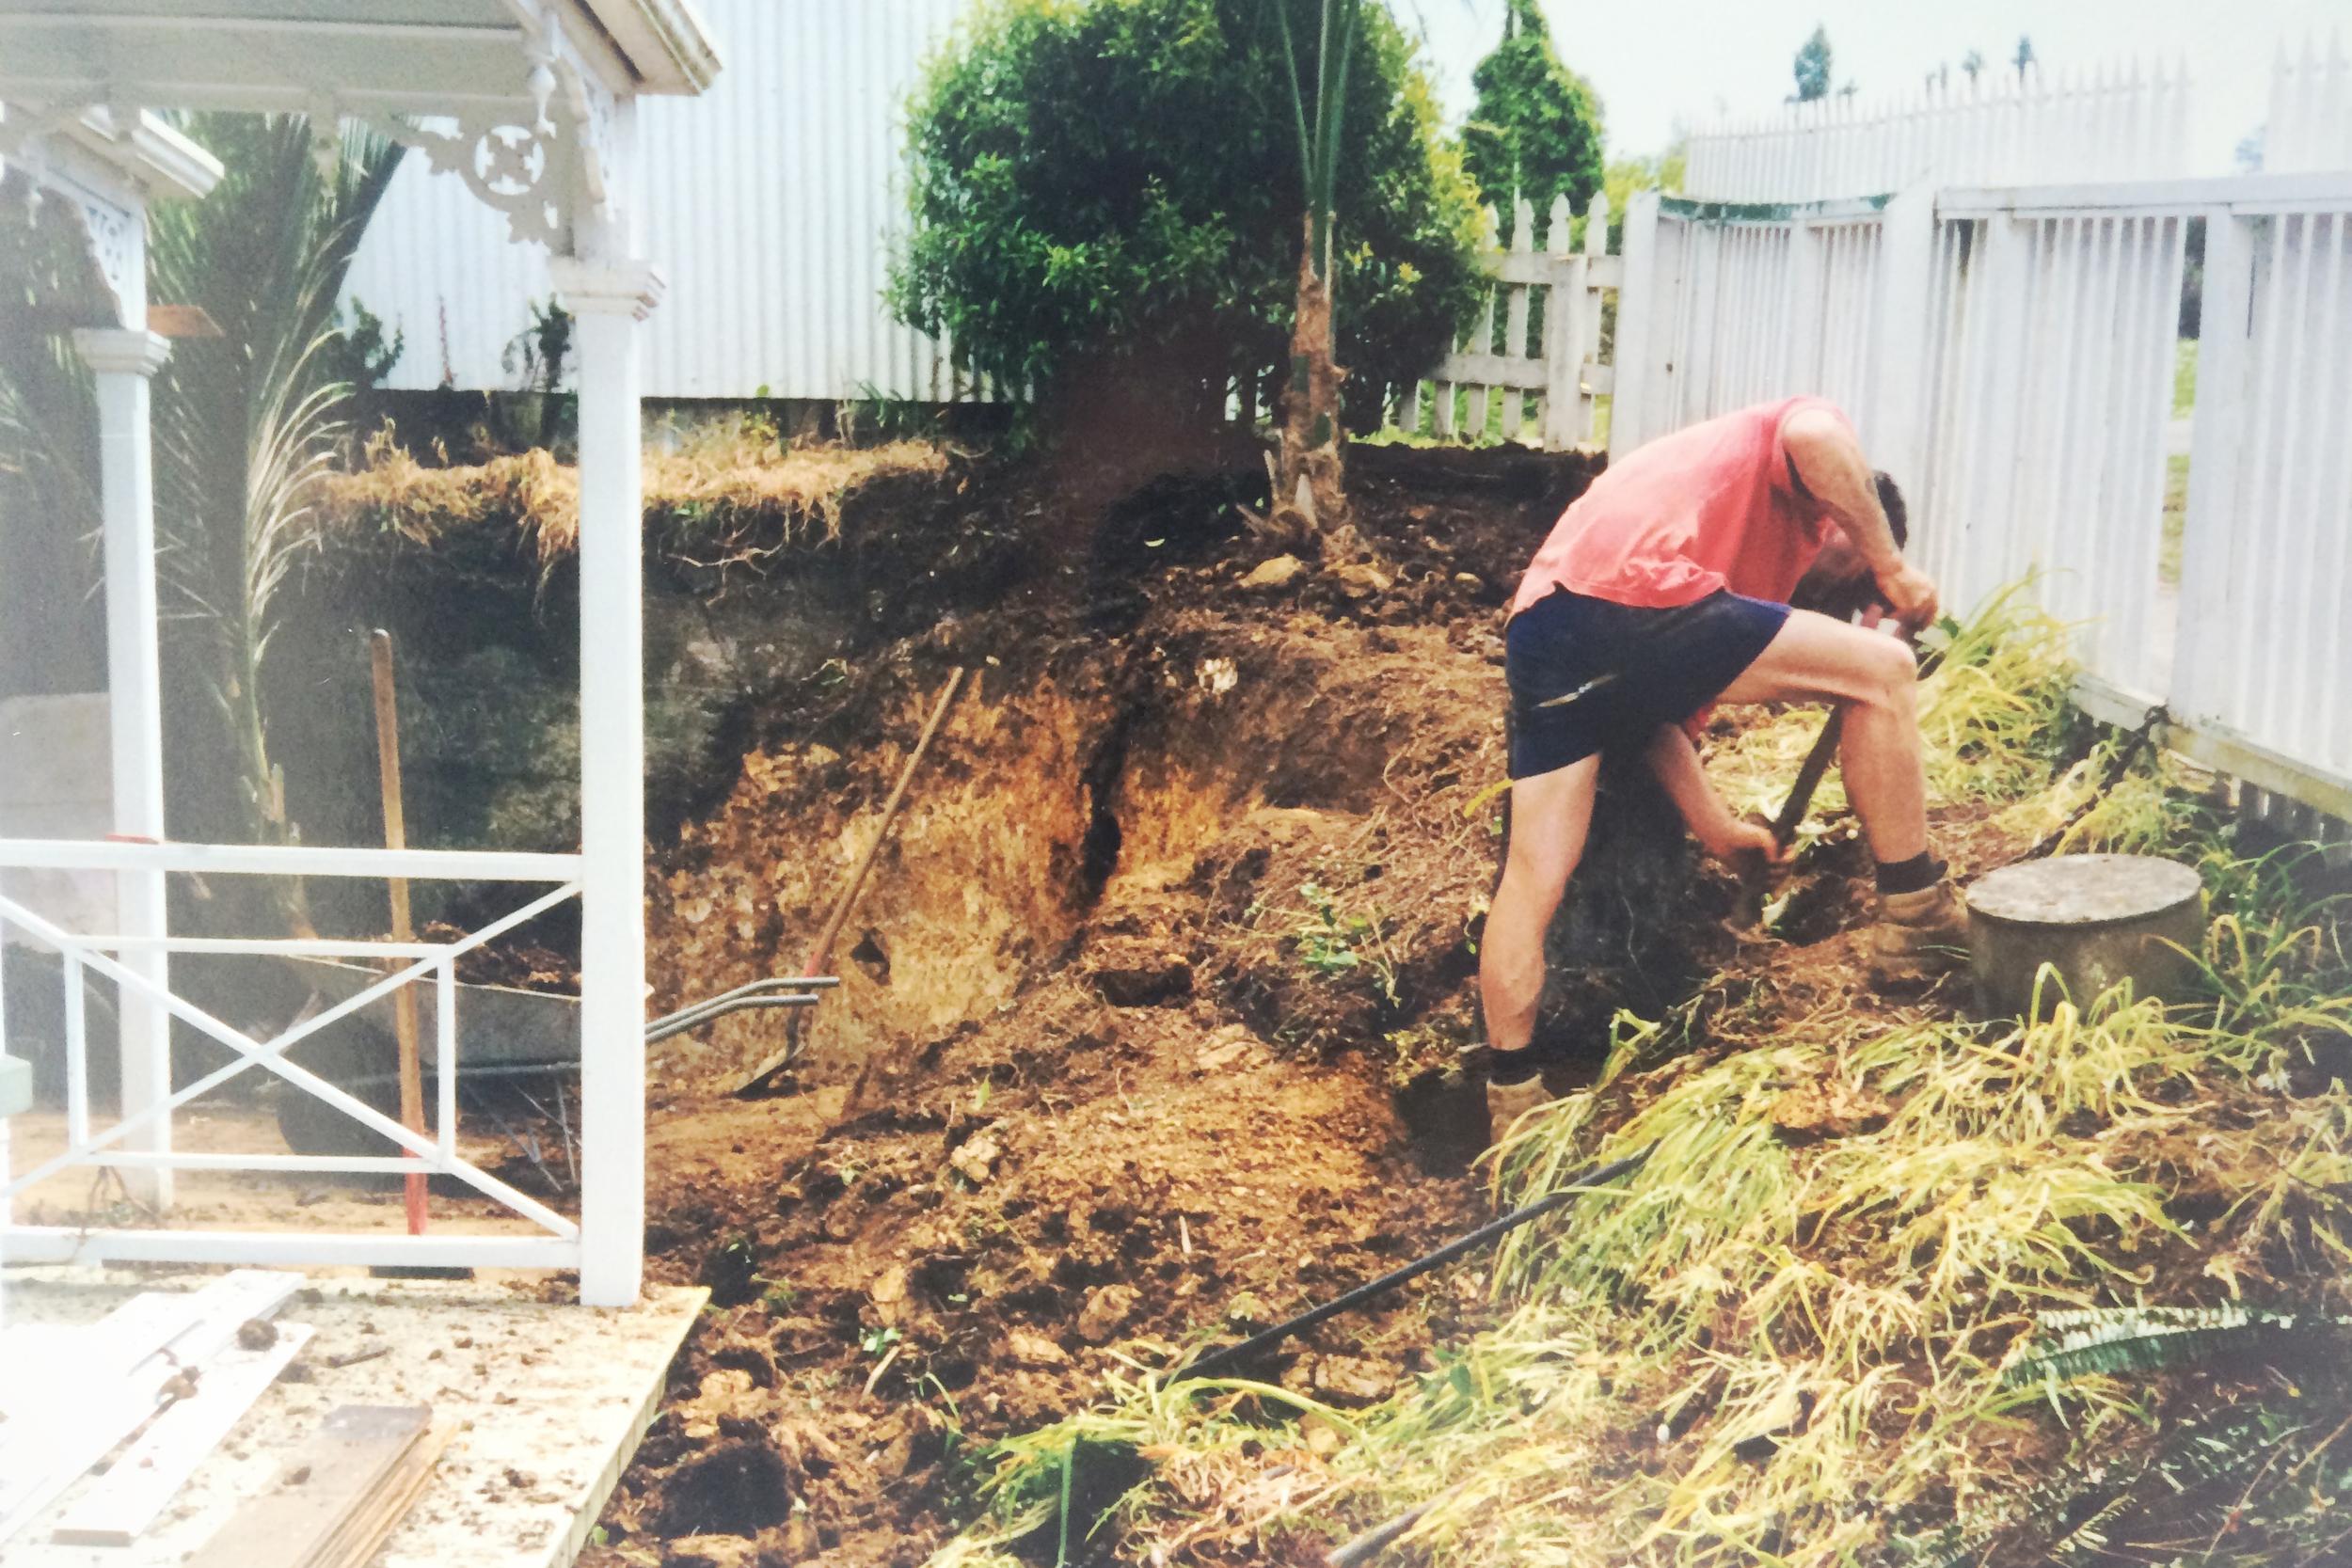 Removing overgrown shrubs